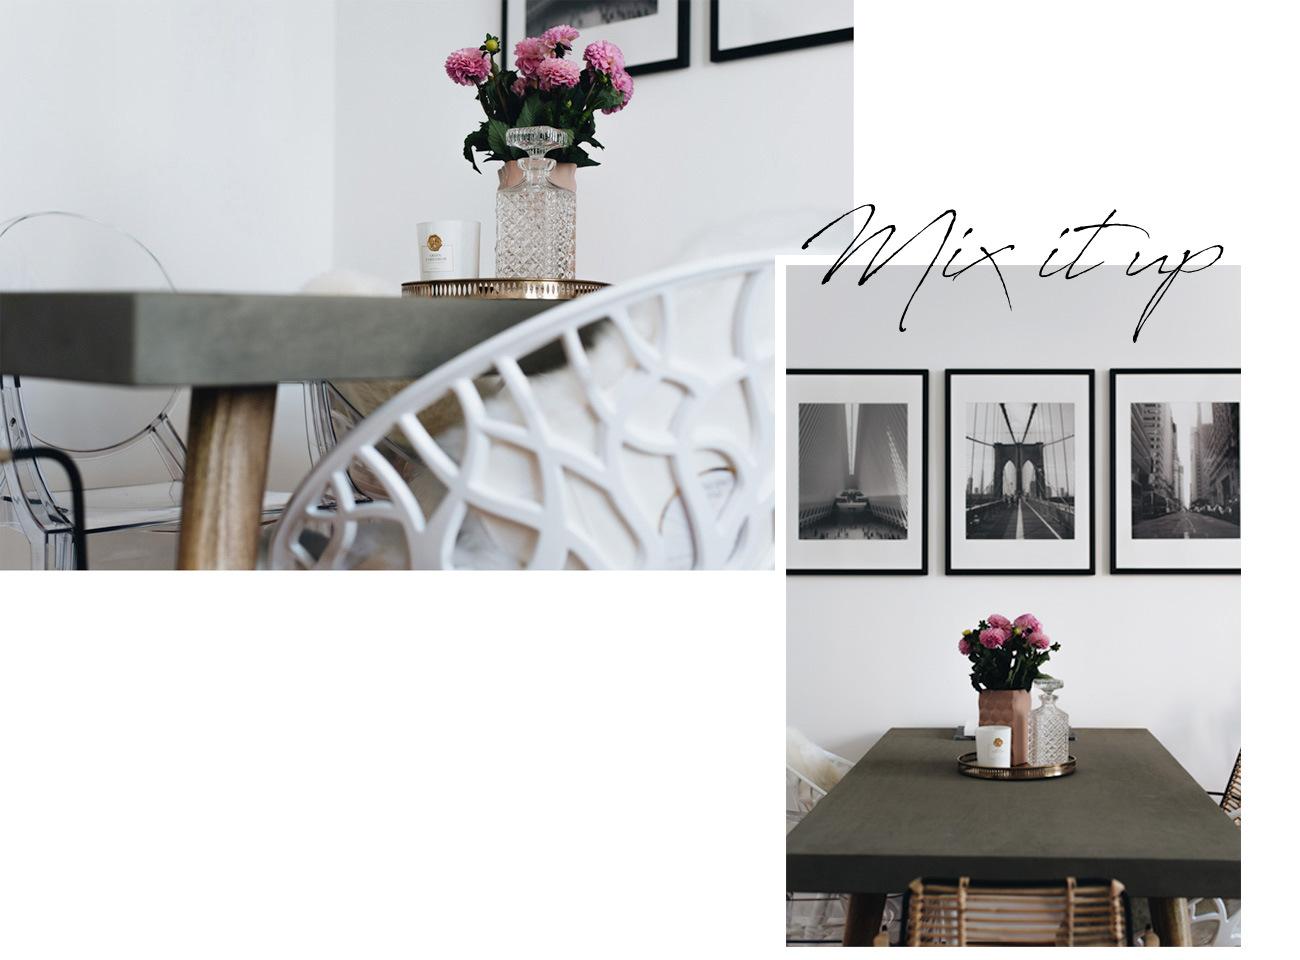 Modernes-Esszimmer-Essecke-Nordal-Betontisch-Interior-inspiration-blogger-wohnung-nina-schwichtenberg-fashiioncarpet